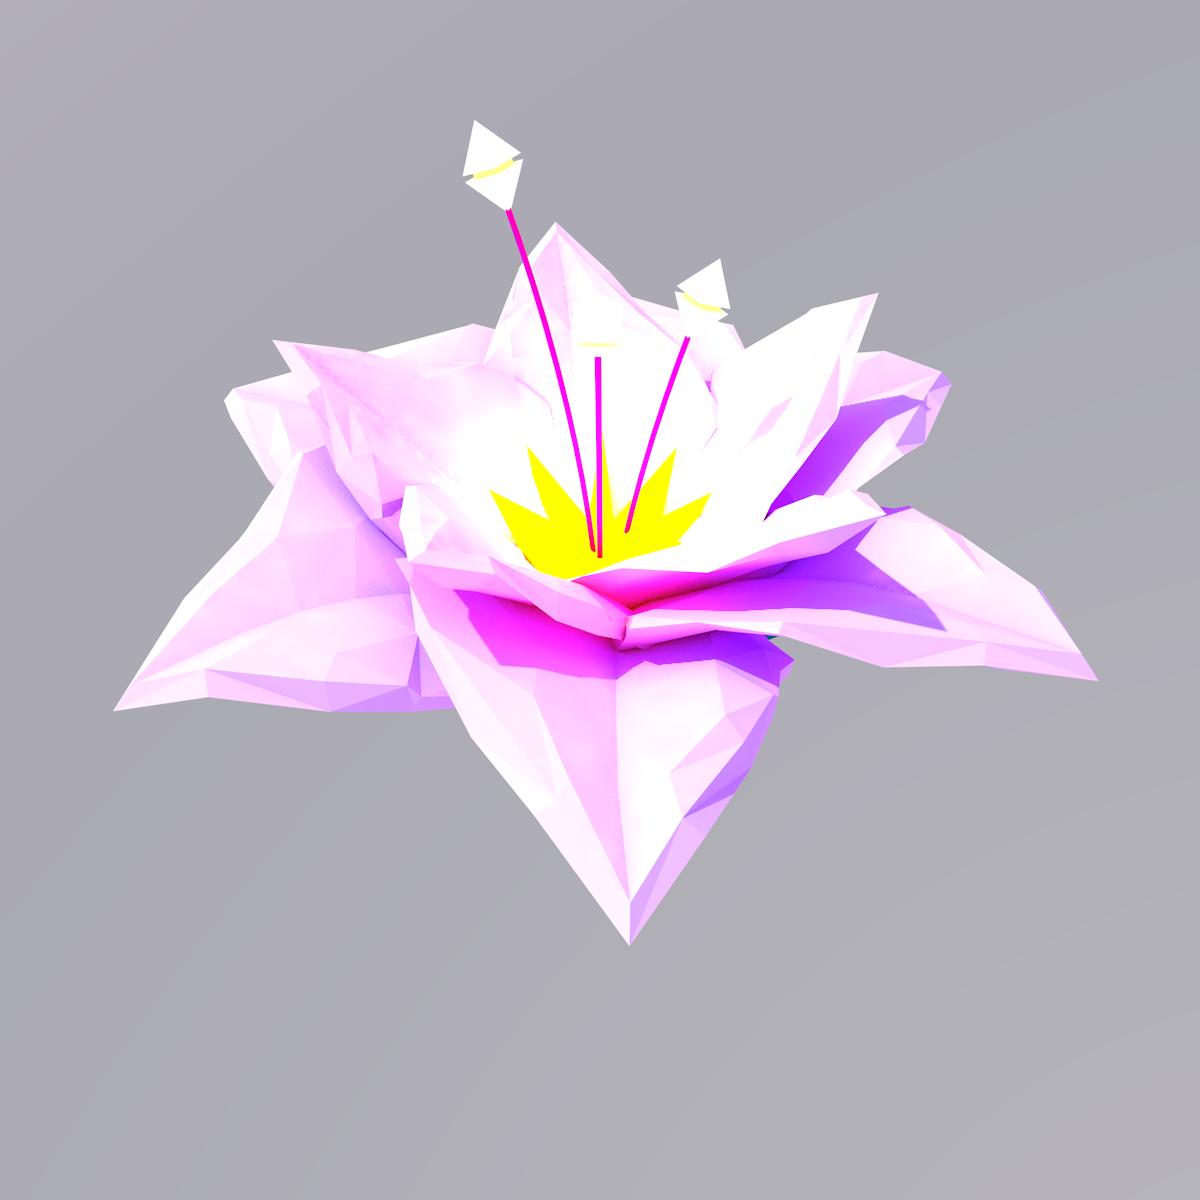 Obrázek - Hra plná tropických symbolů